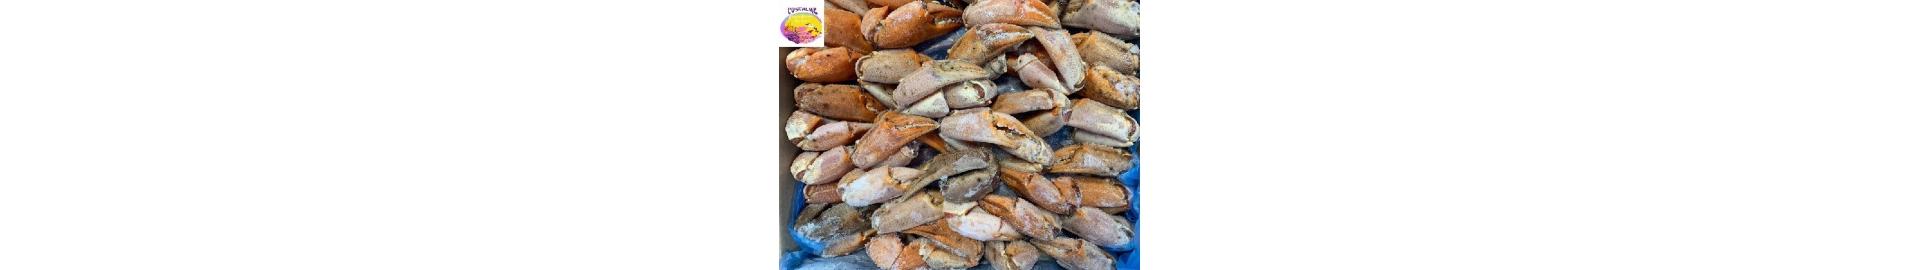 Comprar bocas y patas de cangrejo a domicilio